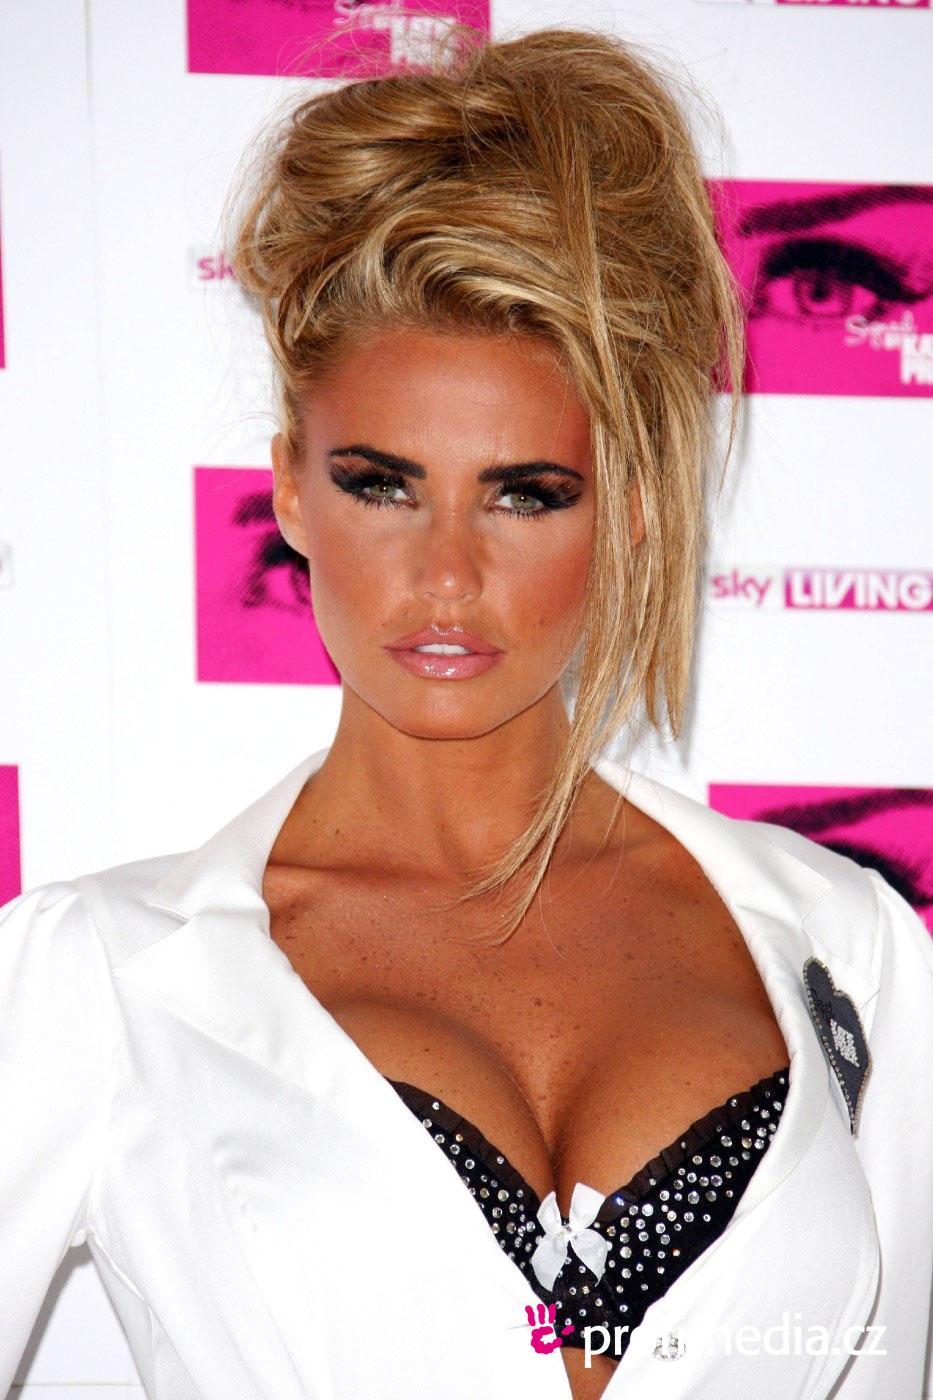 Katie Price Jordan Hairstyle Easyhairstyler